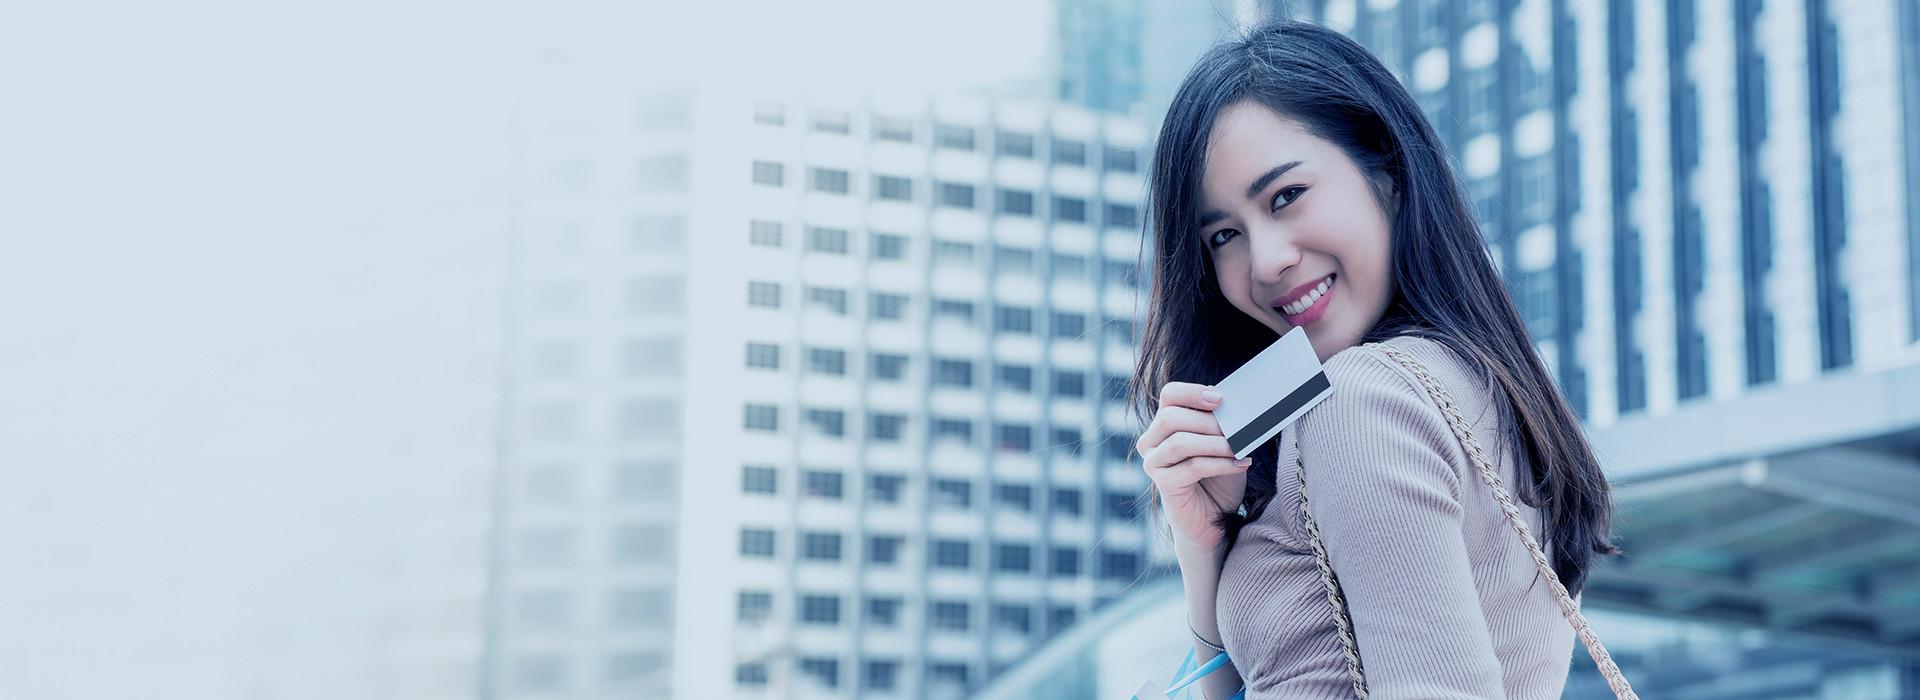 asuransi-kartu-kredit-pfi-mega-life